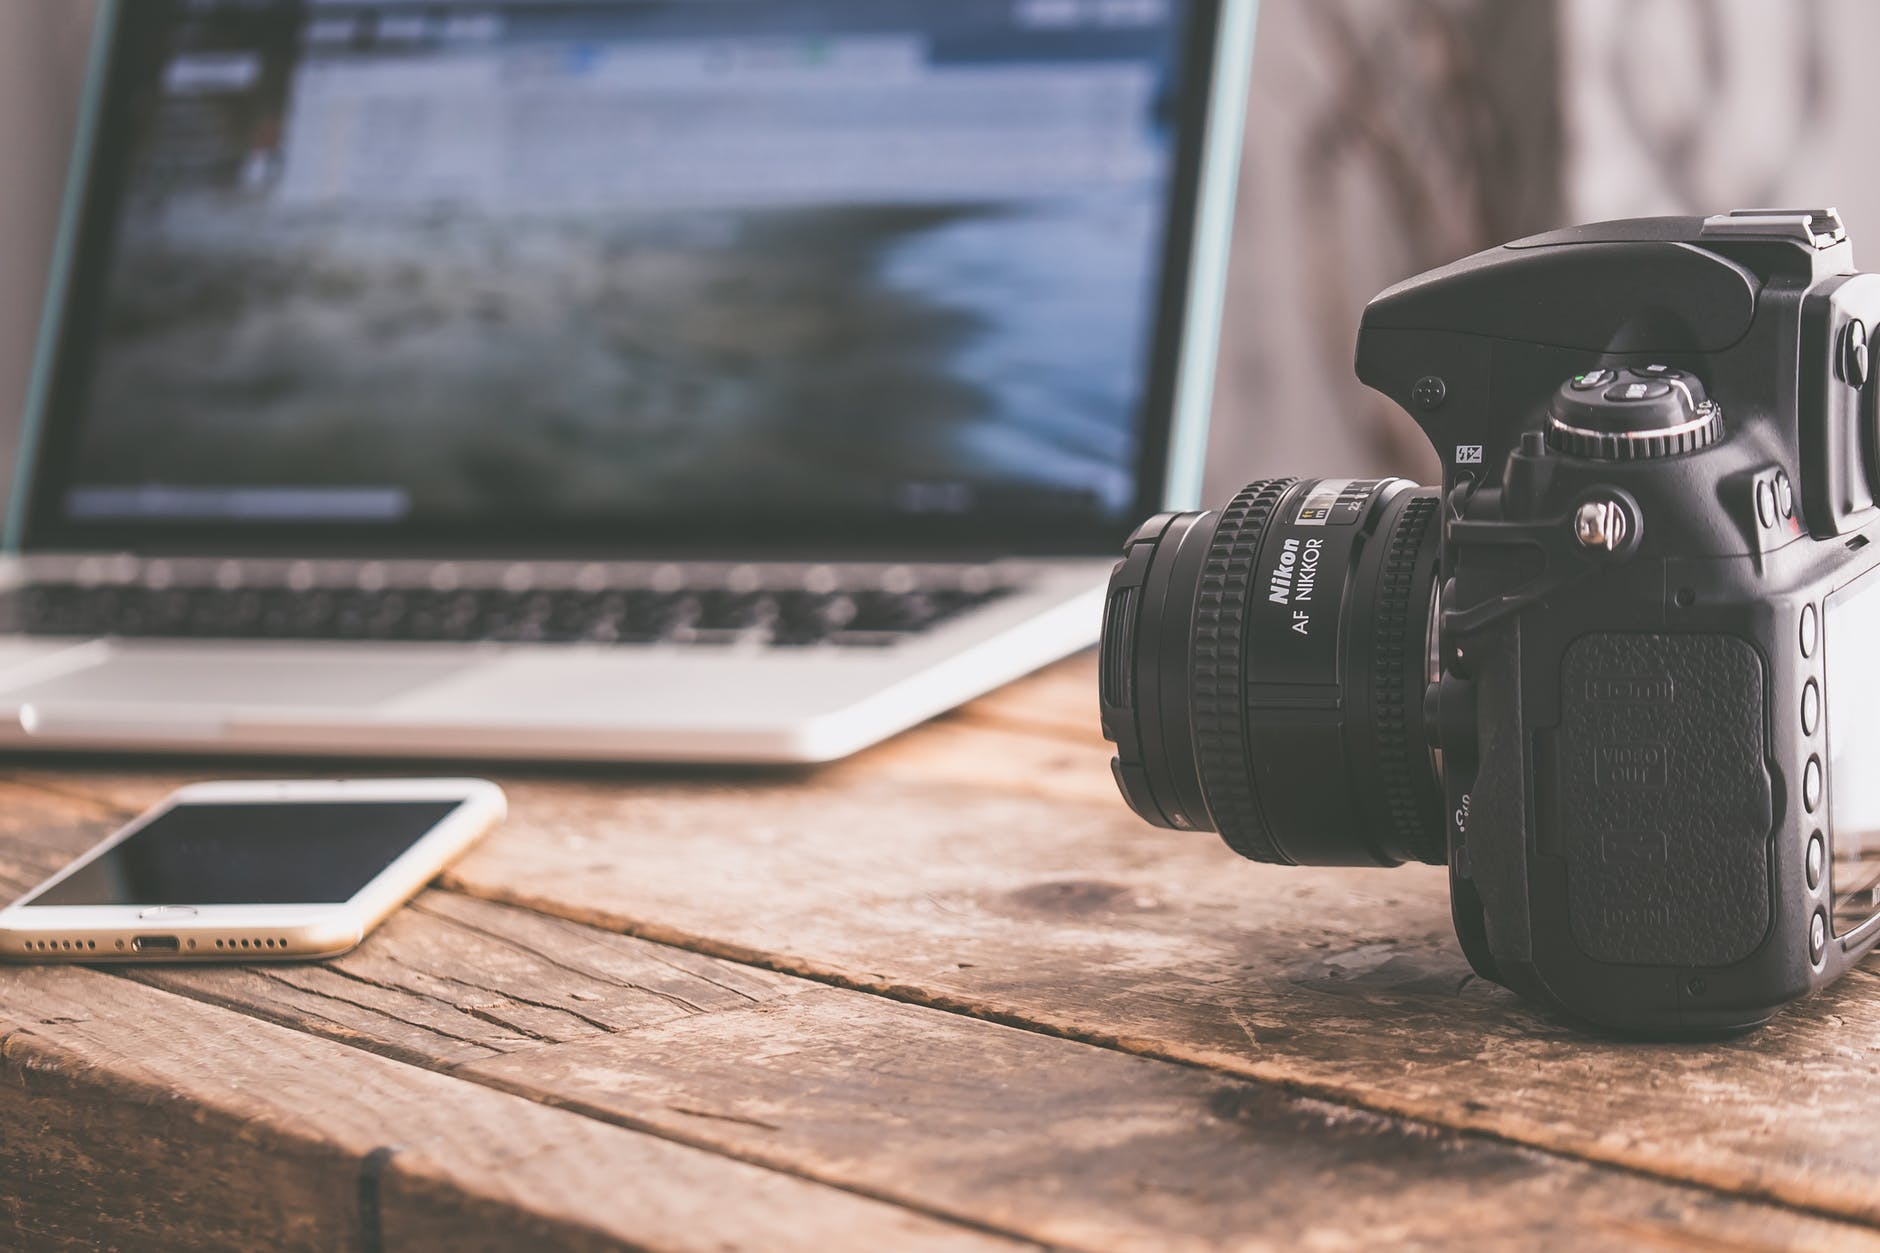 black dslr camera on beige wooden surface